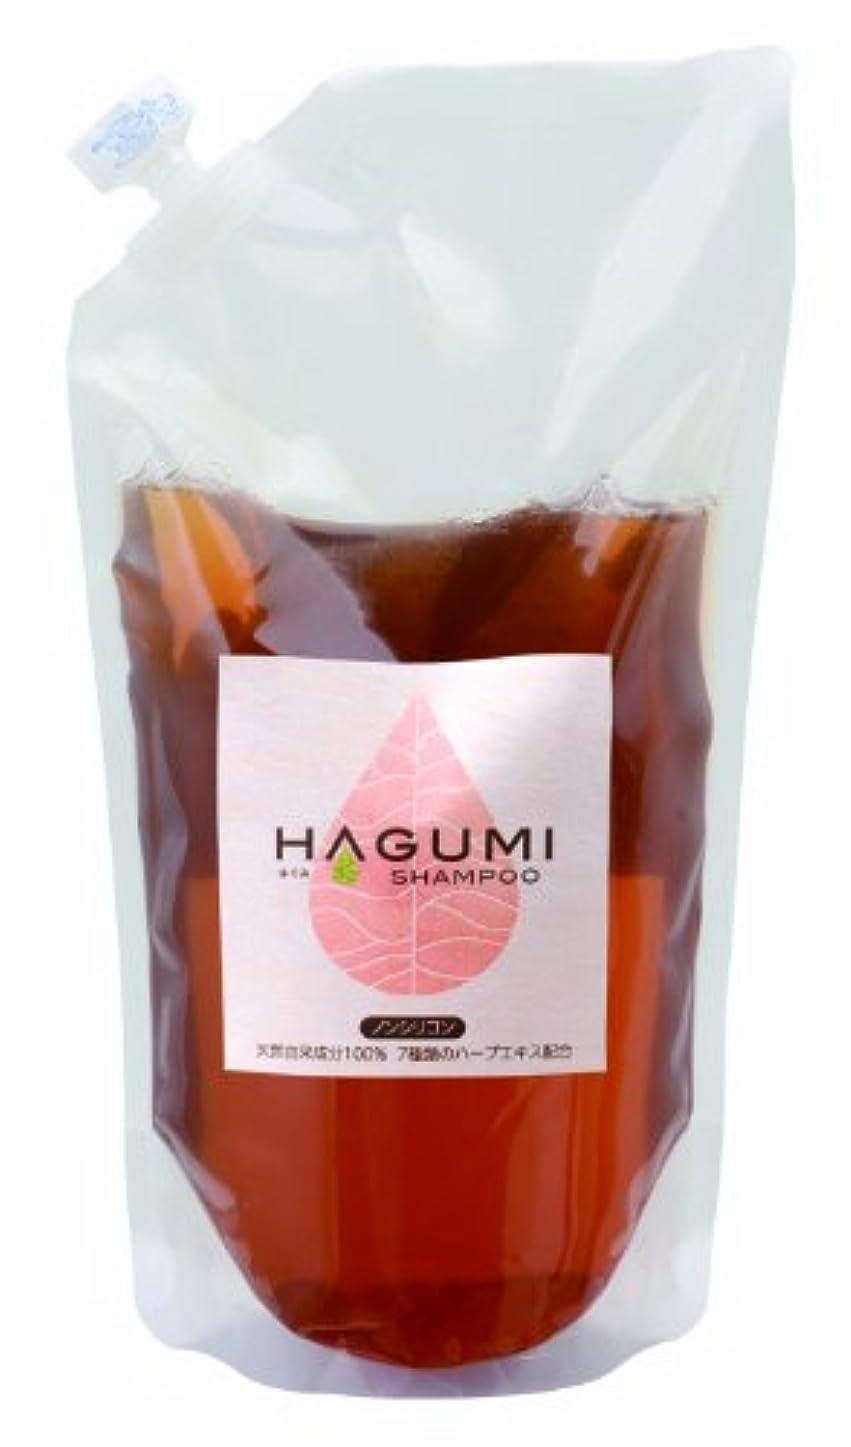 聖なる無効にする練習したHAGUMI(ハグミ) シャンプー 400ml